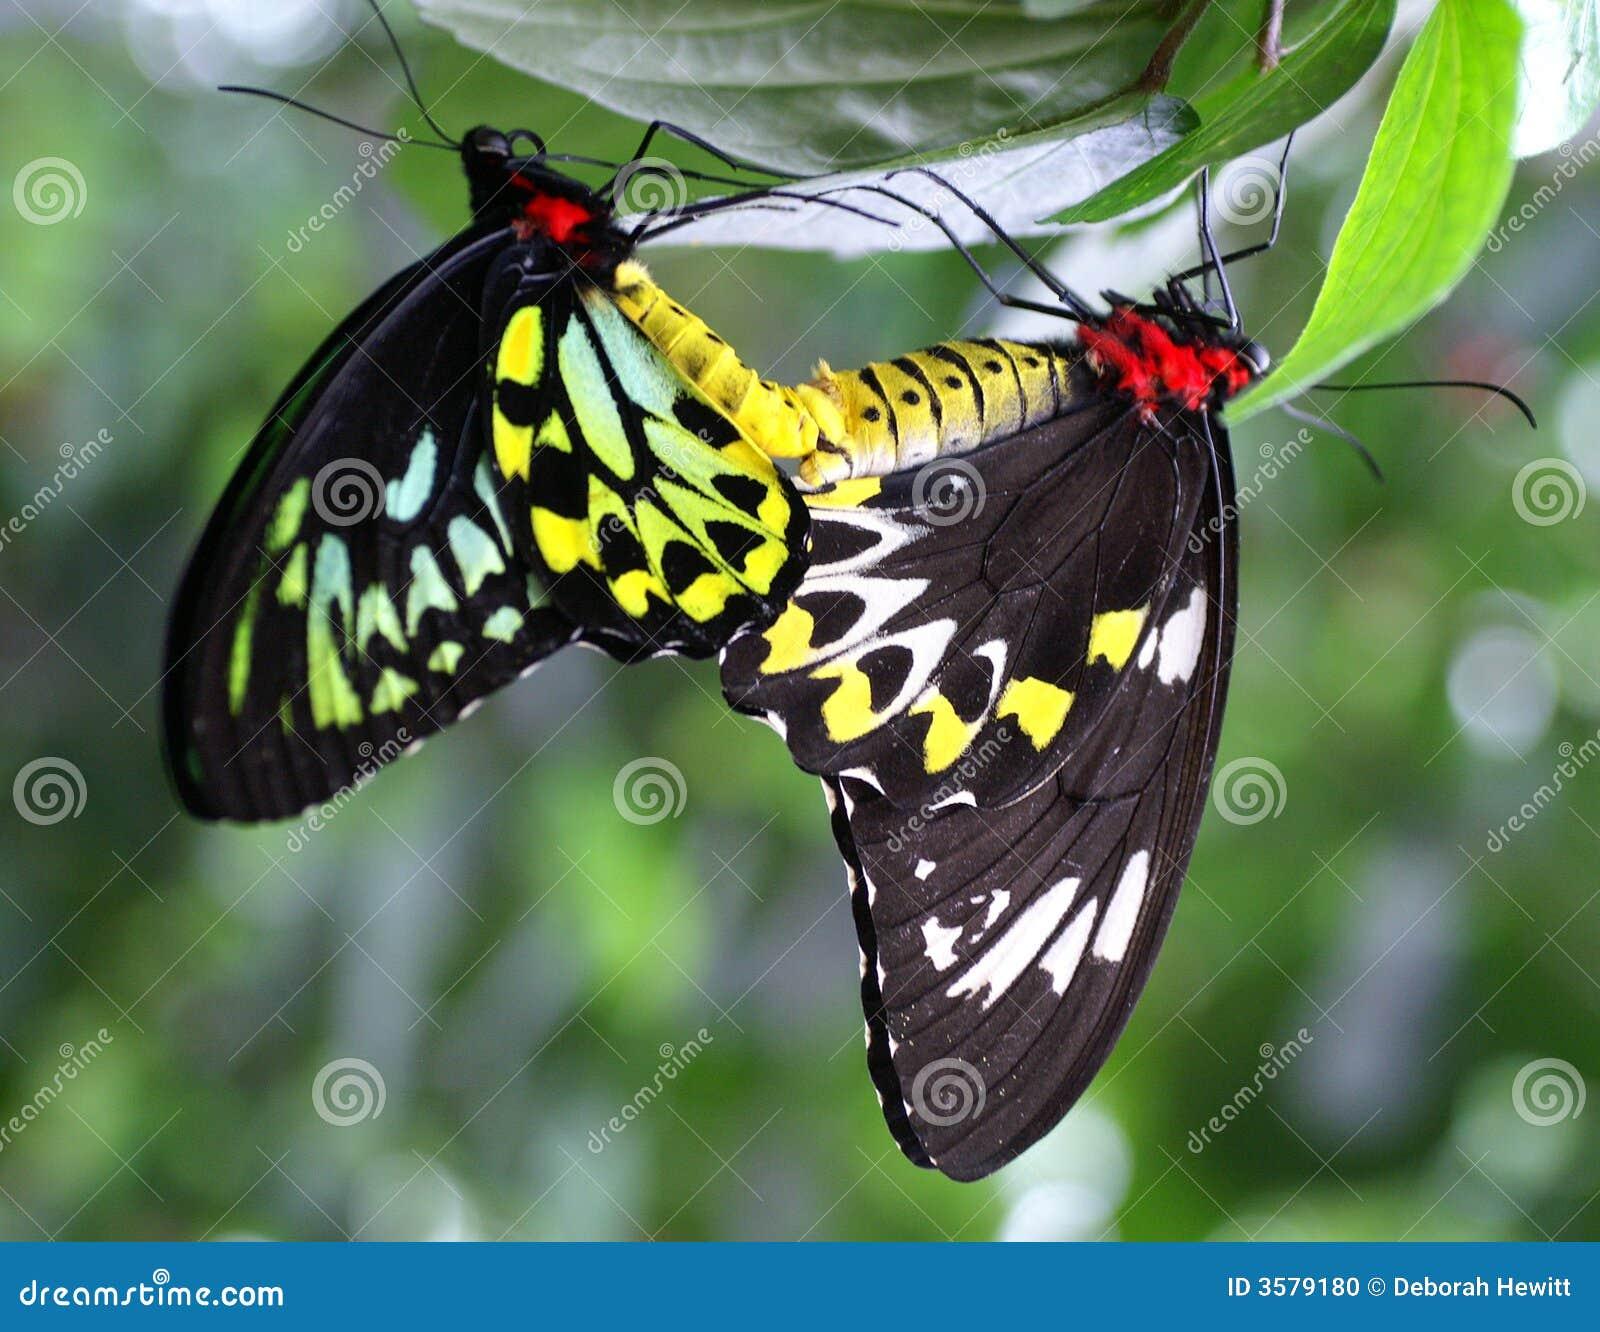 Tropical Rainforest Butterflies - Viewing Gallery